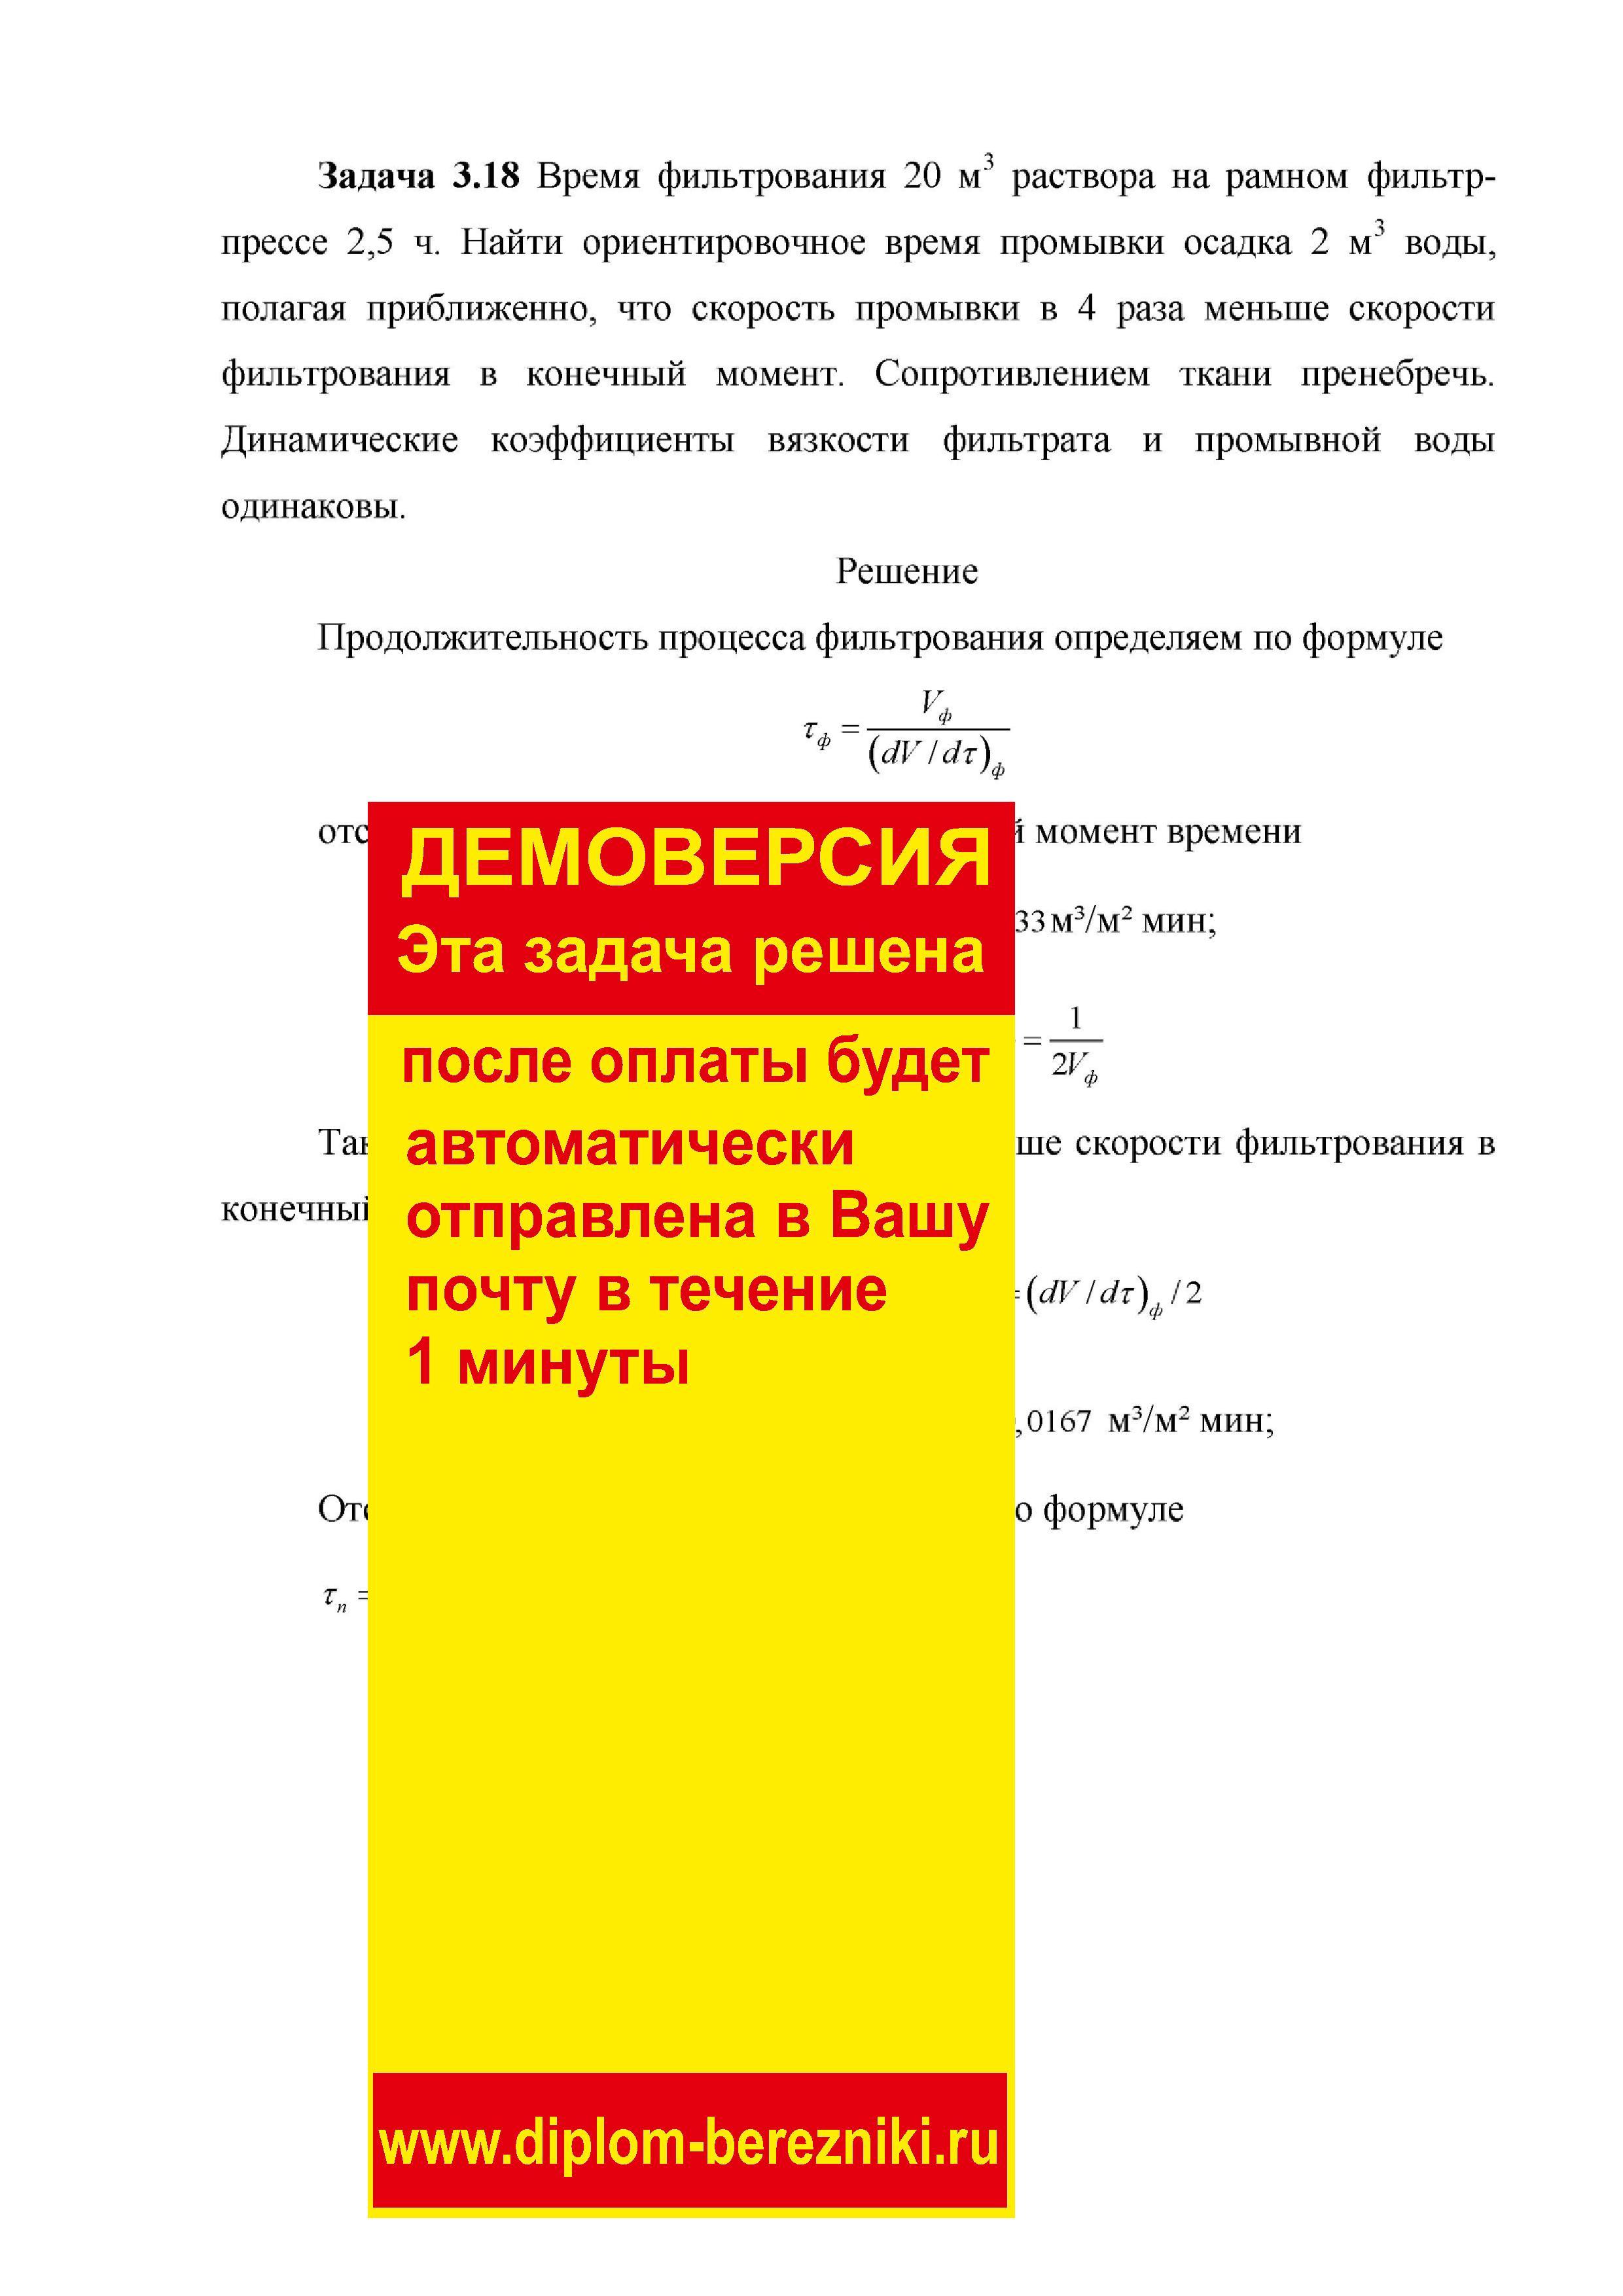 Решение задачи 3.18 по ПАХТ из задачника Павлова Романкова Носкова